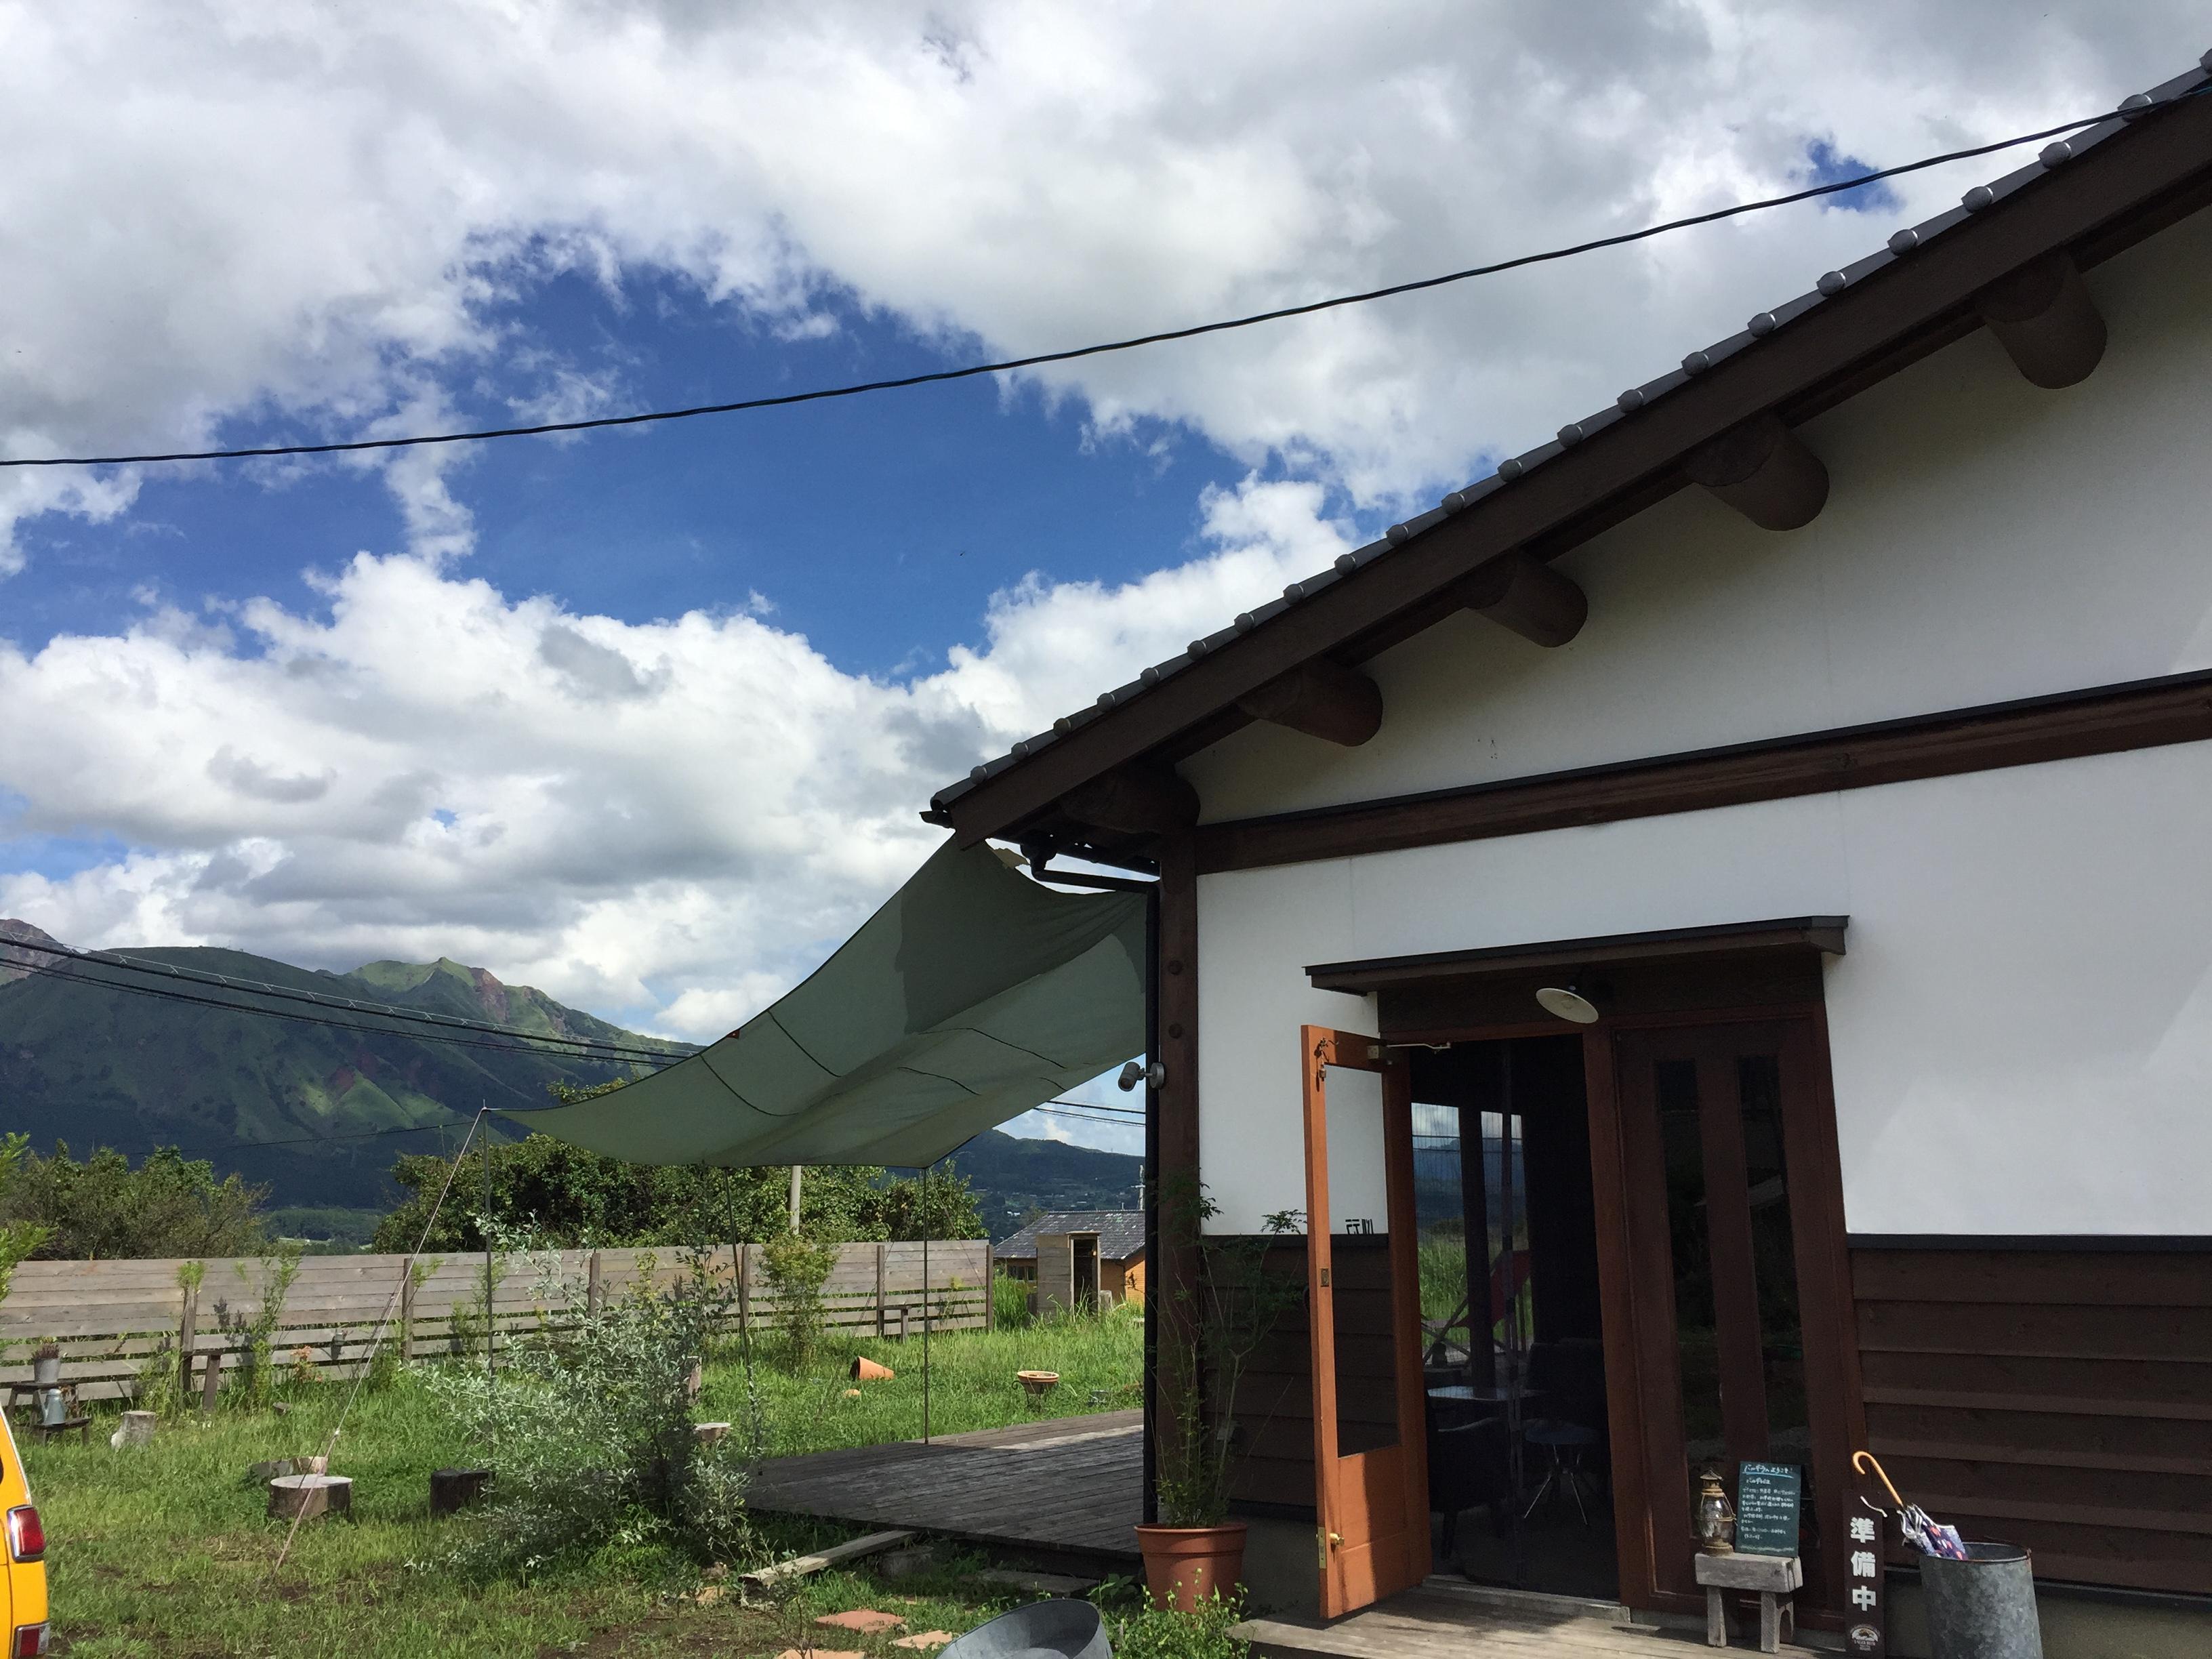 【バルデラ】南阿蘇村のカフェ!無農薬野菜@子どもも安心